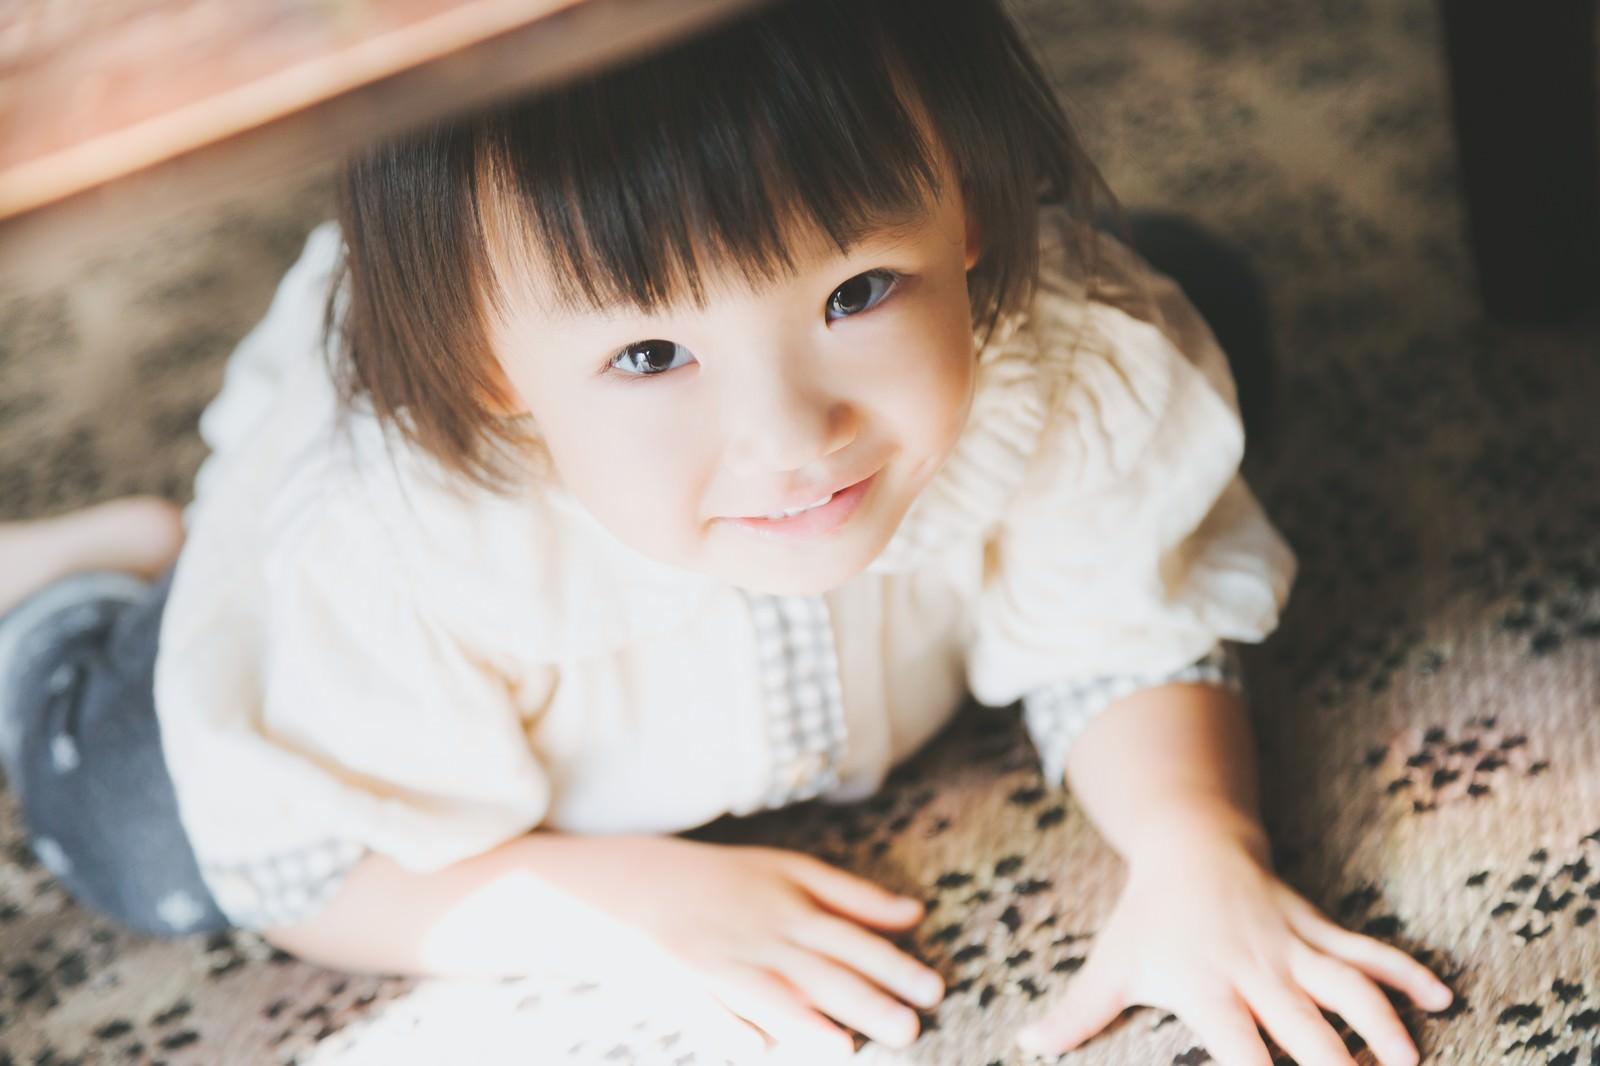 「机の下に隠れてる小さい女の子」の写真[モデル:あんじゅ]